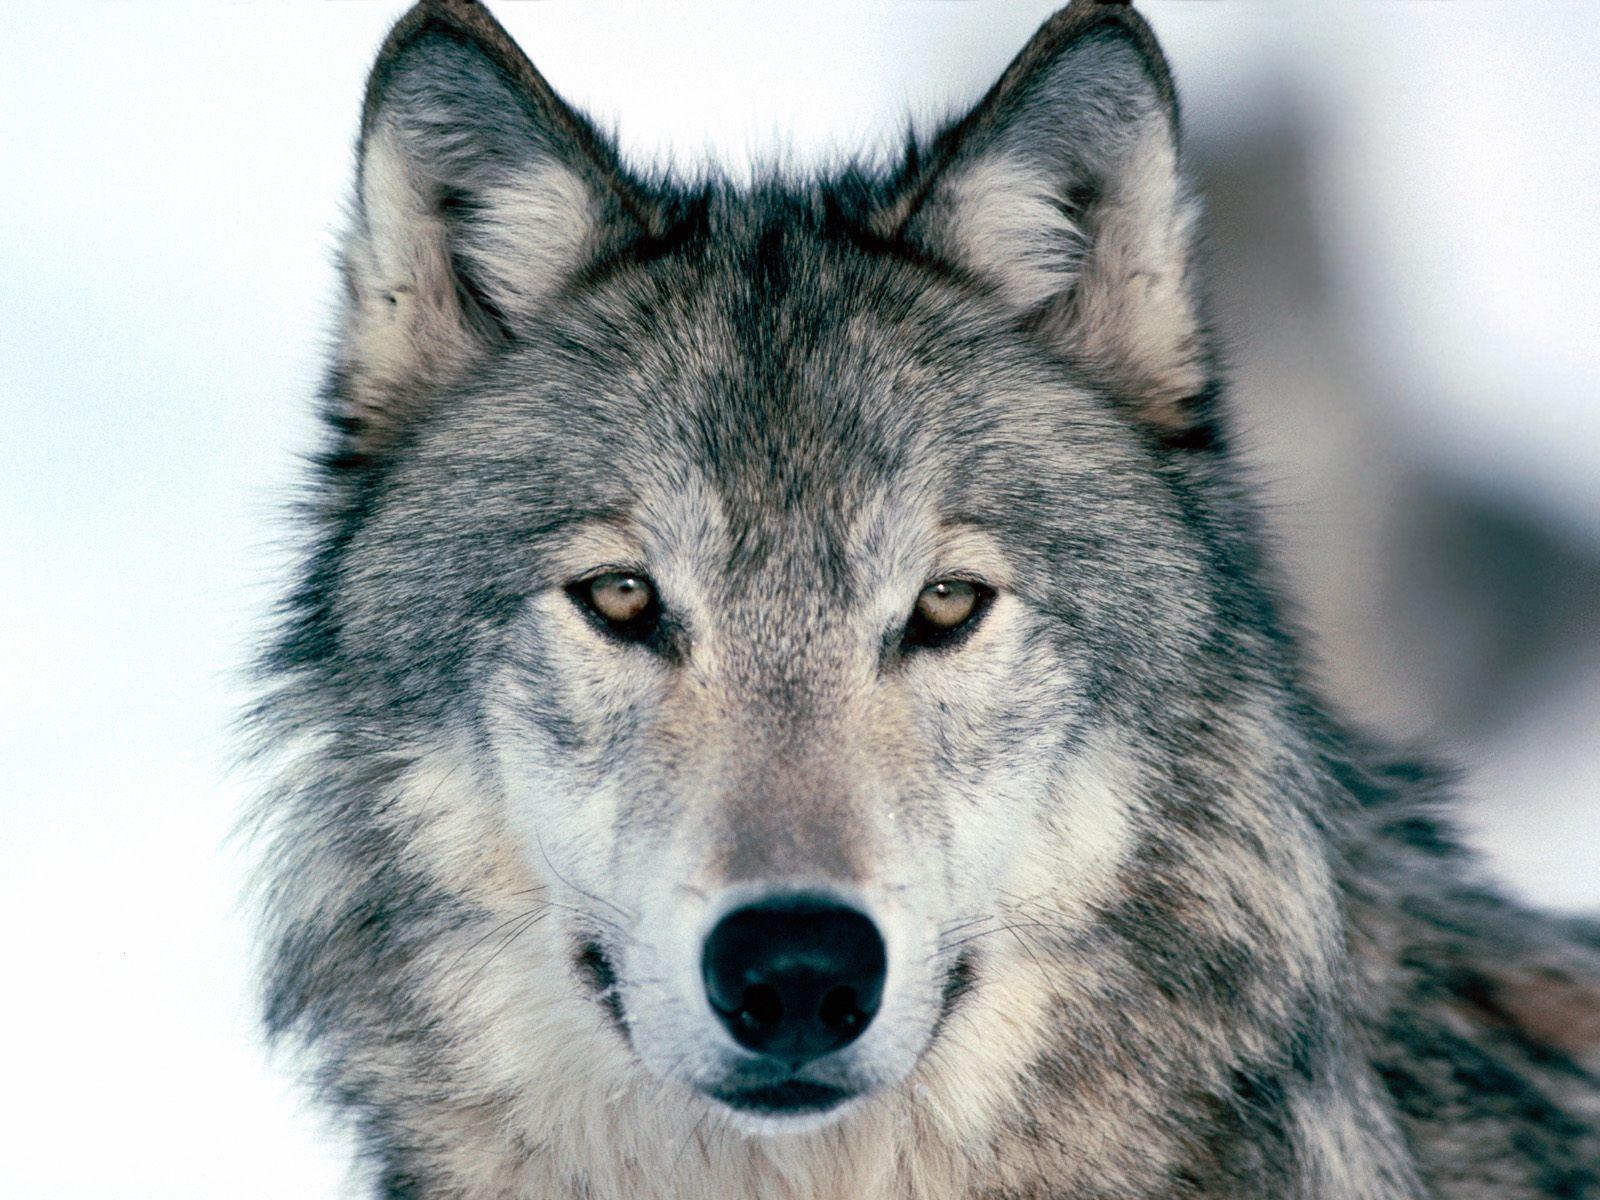 http://3.bp.blogspot.com/-FbE_rWTSqnk/TyQR3lL4jfI/AAAAAAAACFU/MBxlxjlupC0/s1600/wolf-gray-color-beautiful-kewl1.jpg